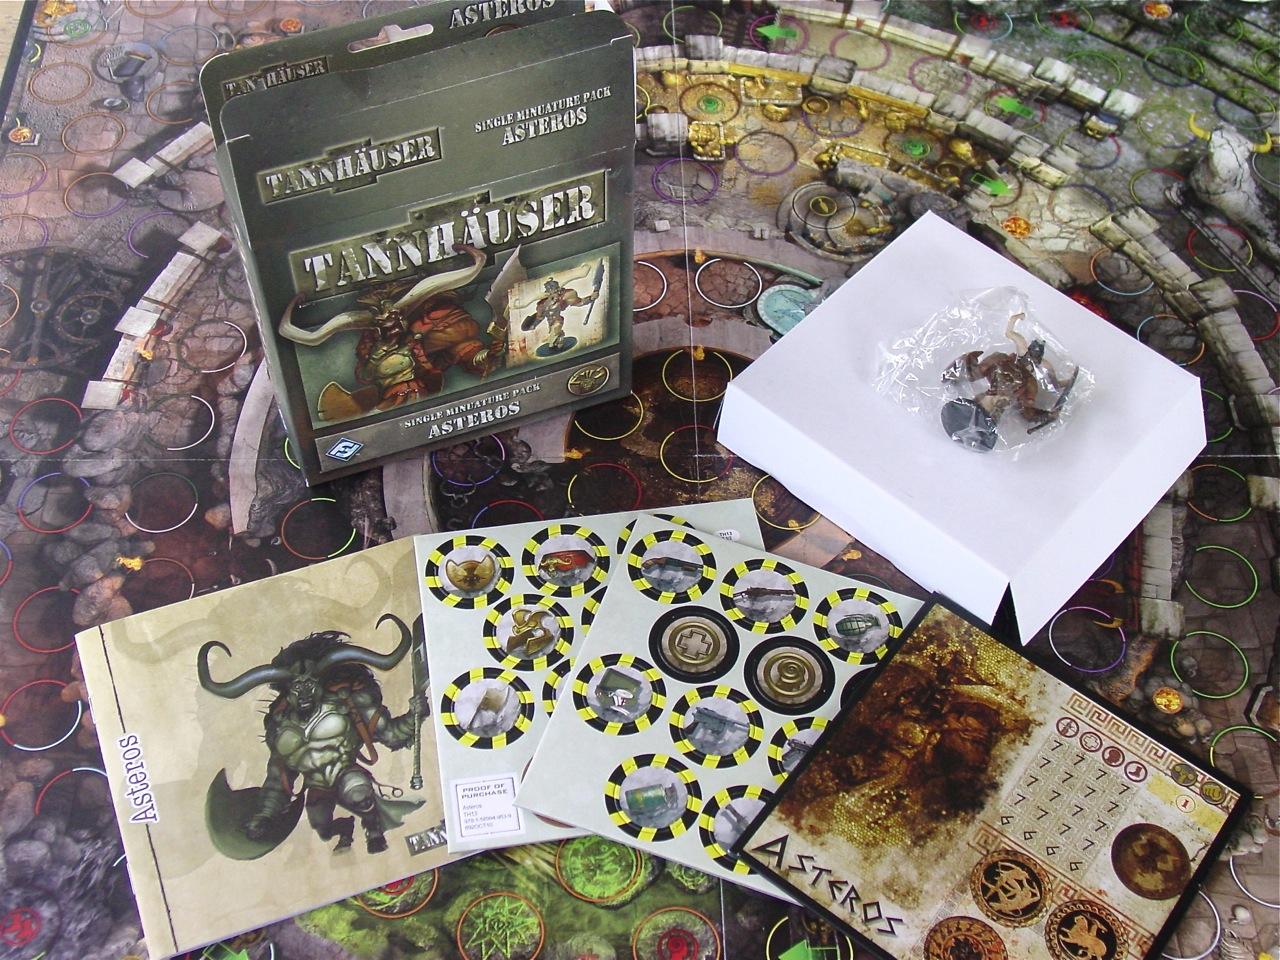 Savage Tales: Tannhäuser Tuesday - Asteros at Last